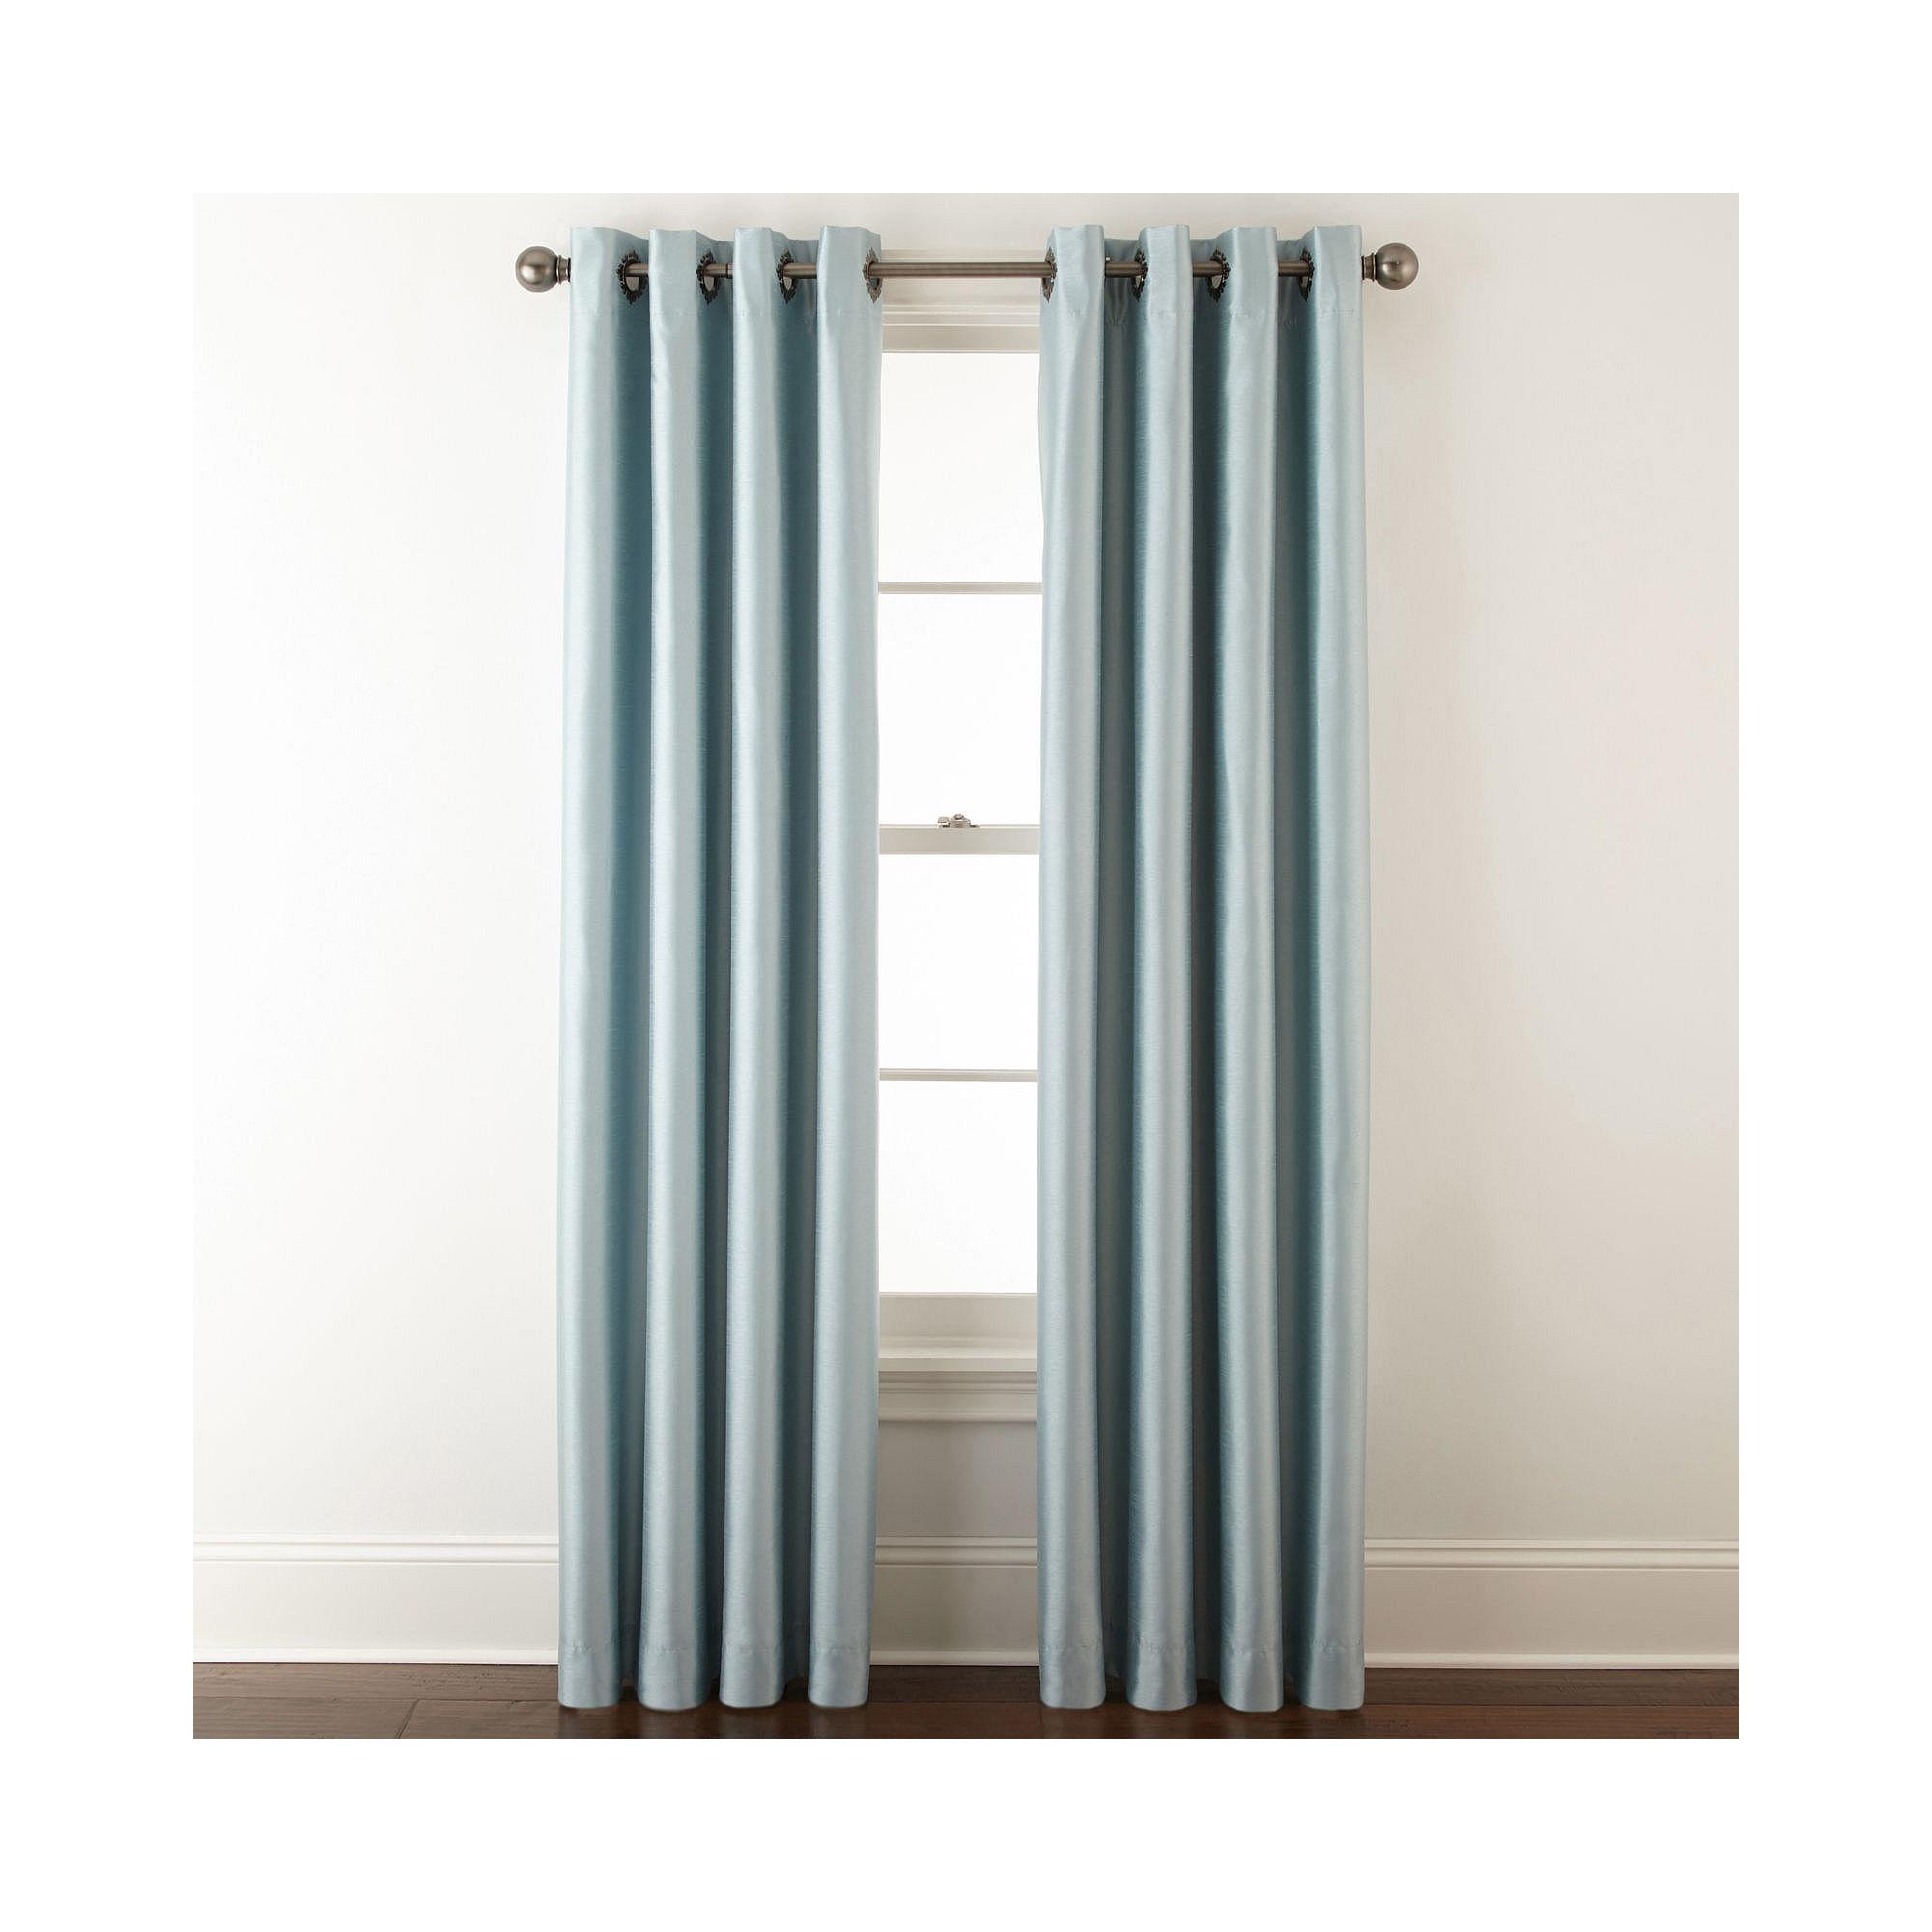 Upc 073107090083 Royal Velvet Plaza Grommet Top Lined Blackout Curtain Panel